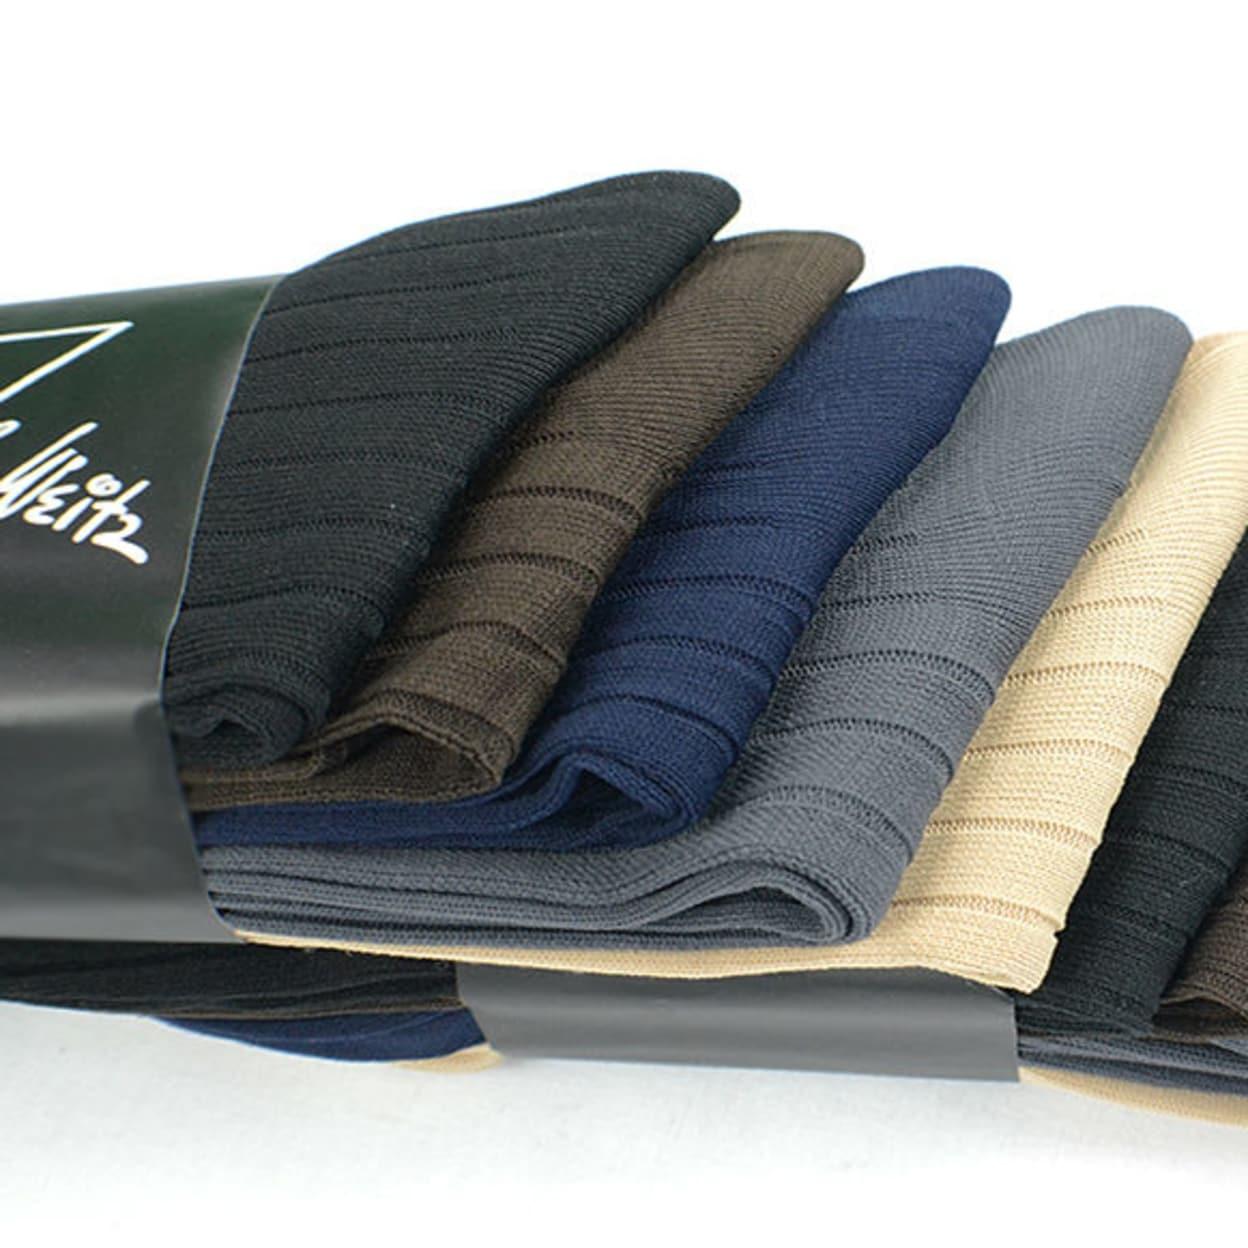 5 Pairs of Men's Casual Dress Socks - John Weitz Brand